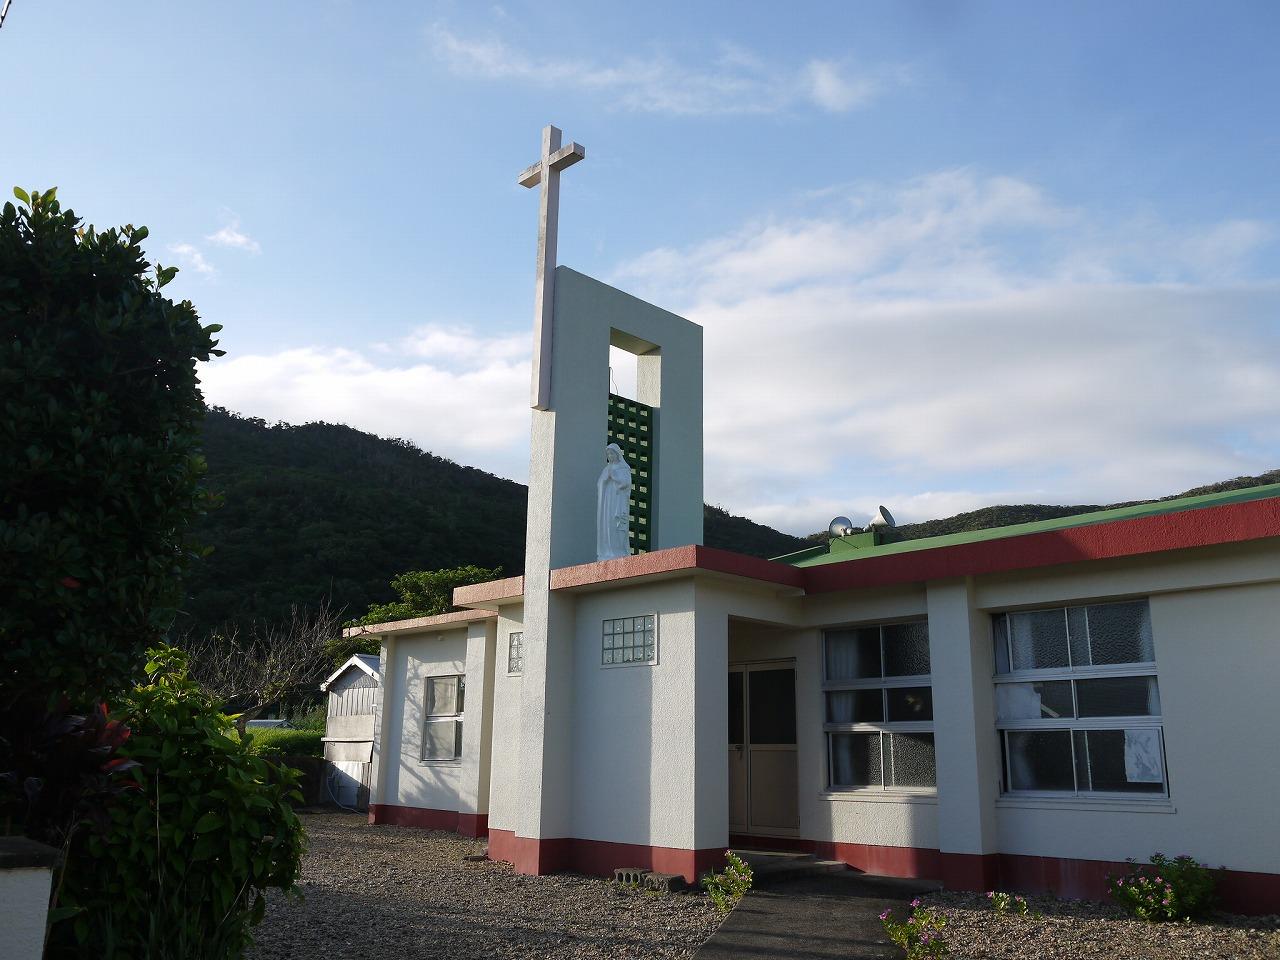 加計呂麻島にある西阿室教会の外観